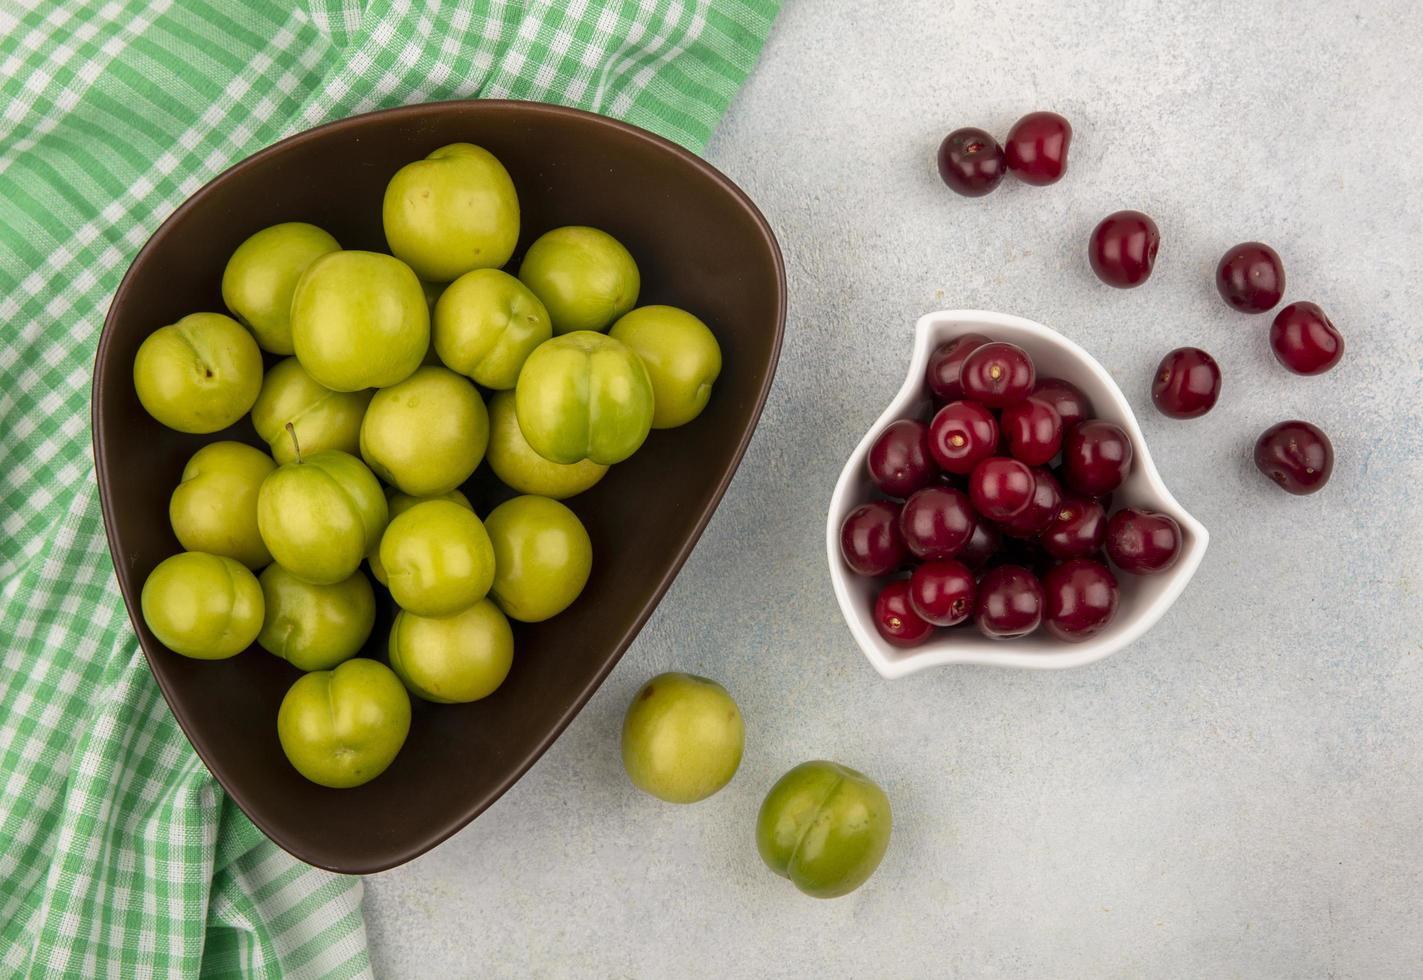 geassorteerde fruit op neutrale achtergrond met groene doek foto